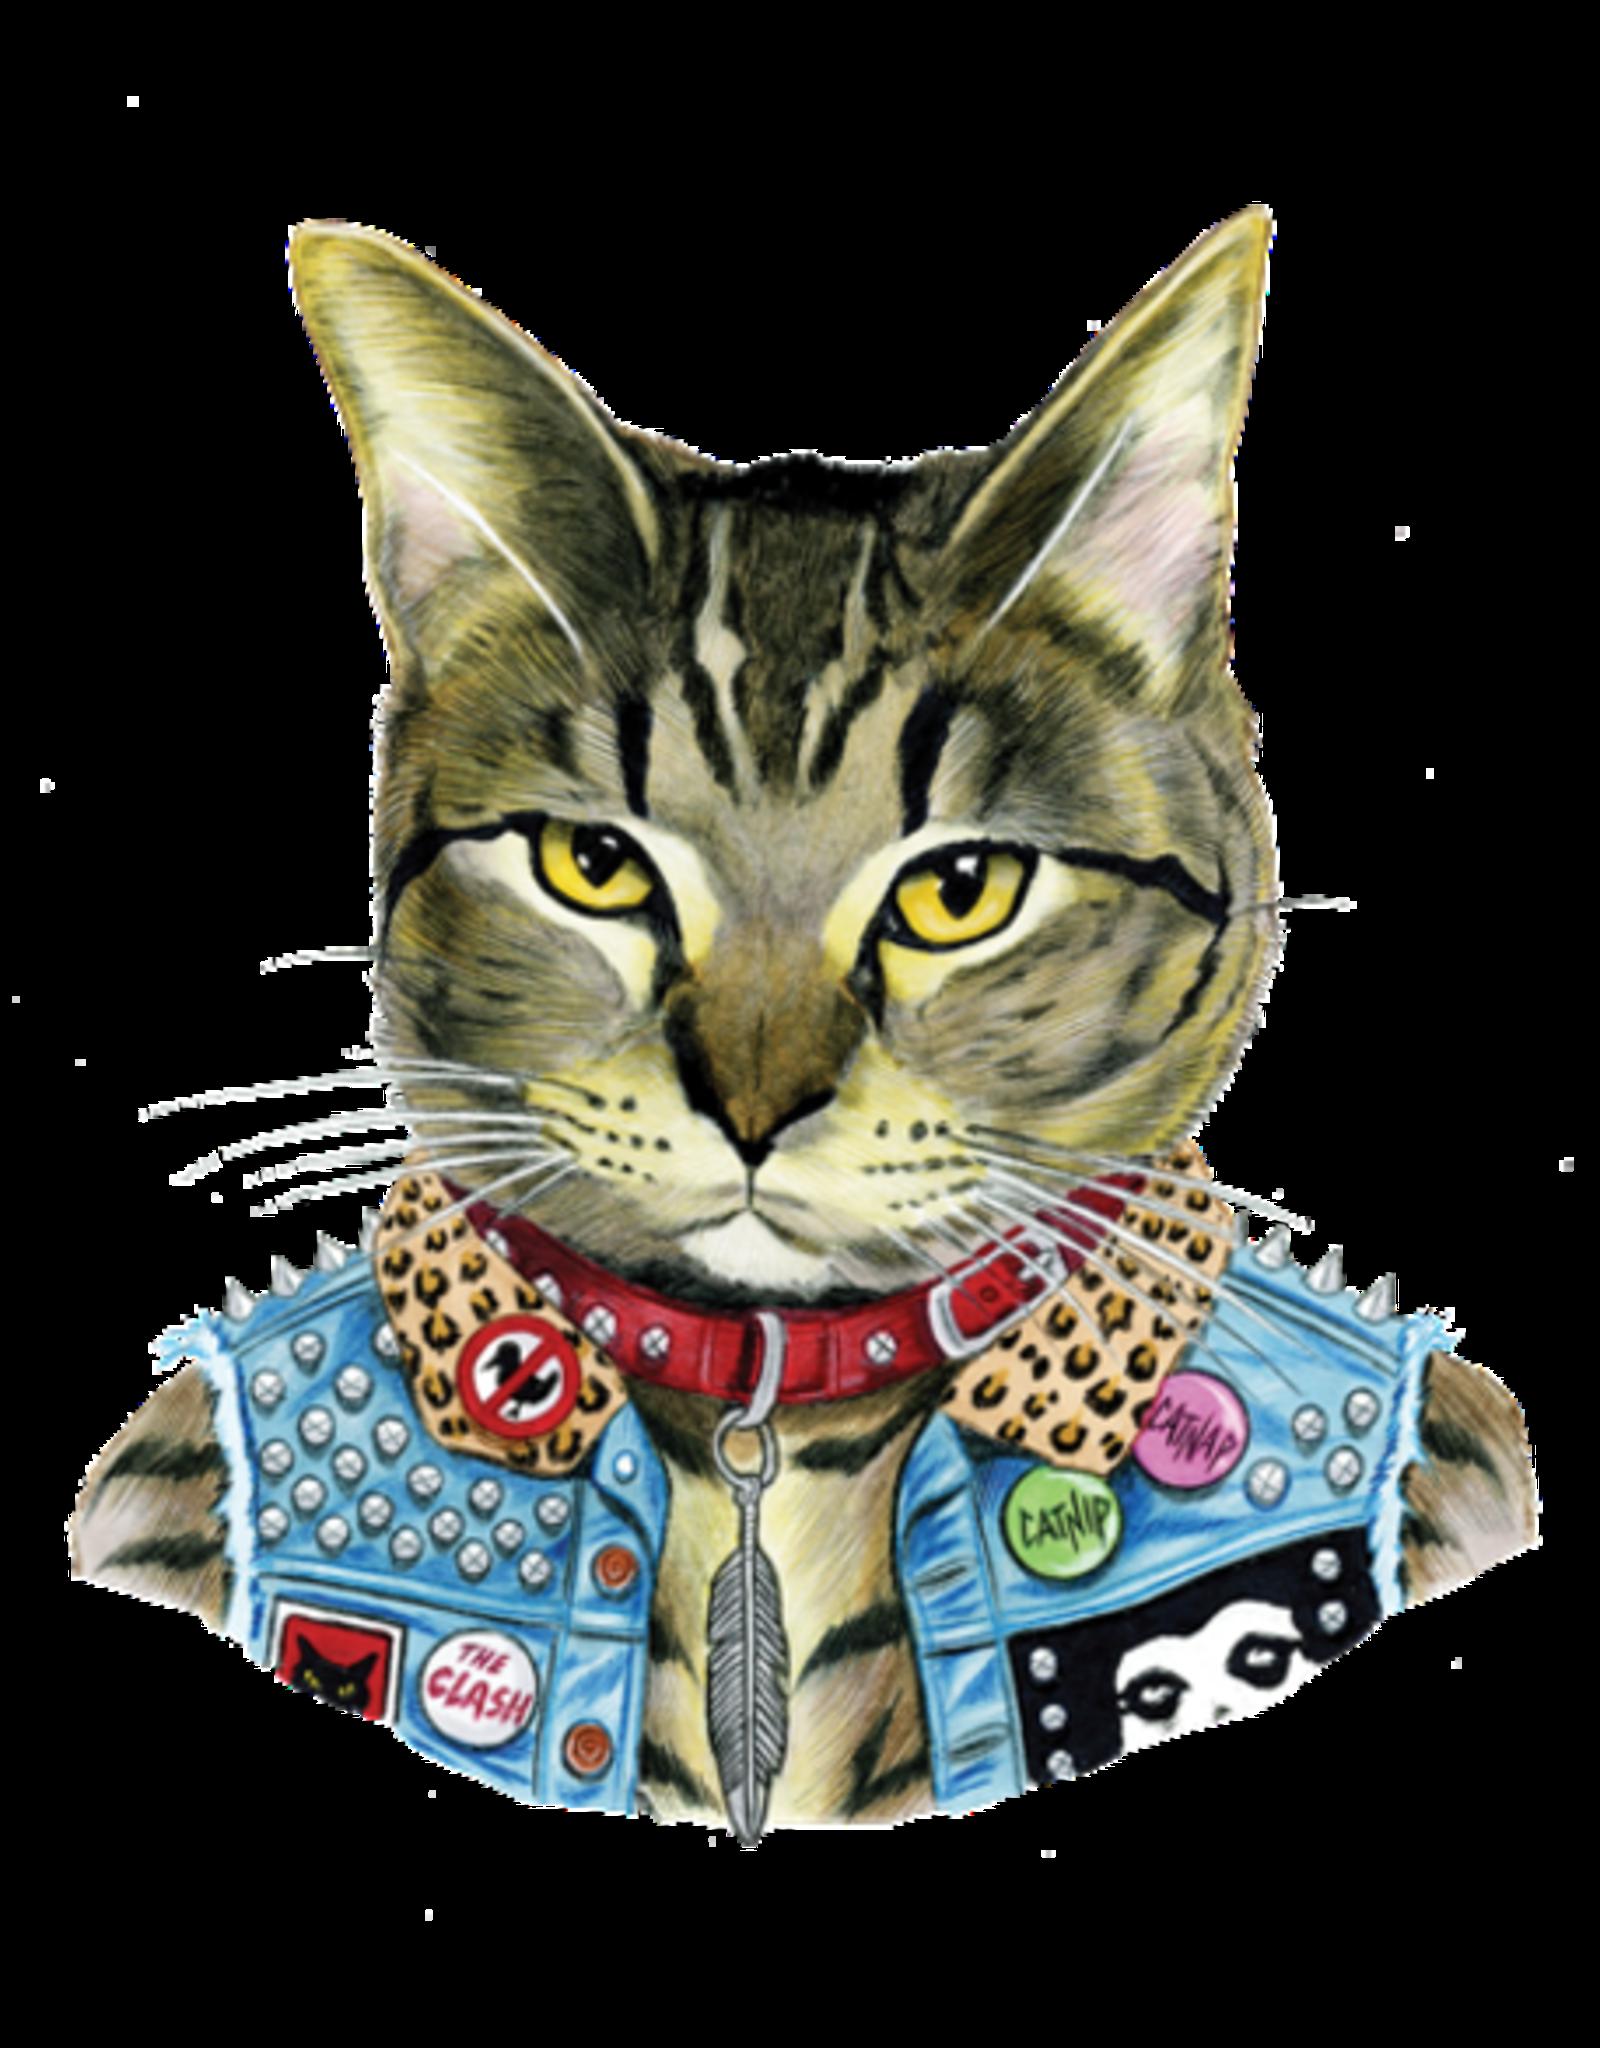 """TATOUAGES TEMPORAIRES : PUNK CAT PAR BERKLEY ILLUSTRATION - 3"""" X 3.5"""""""